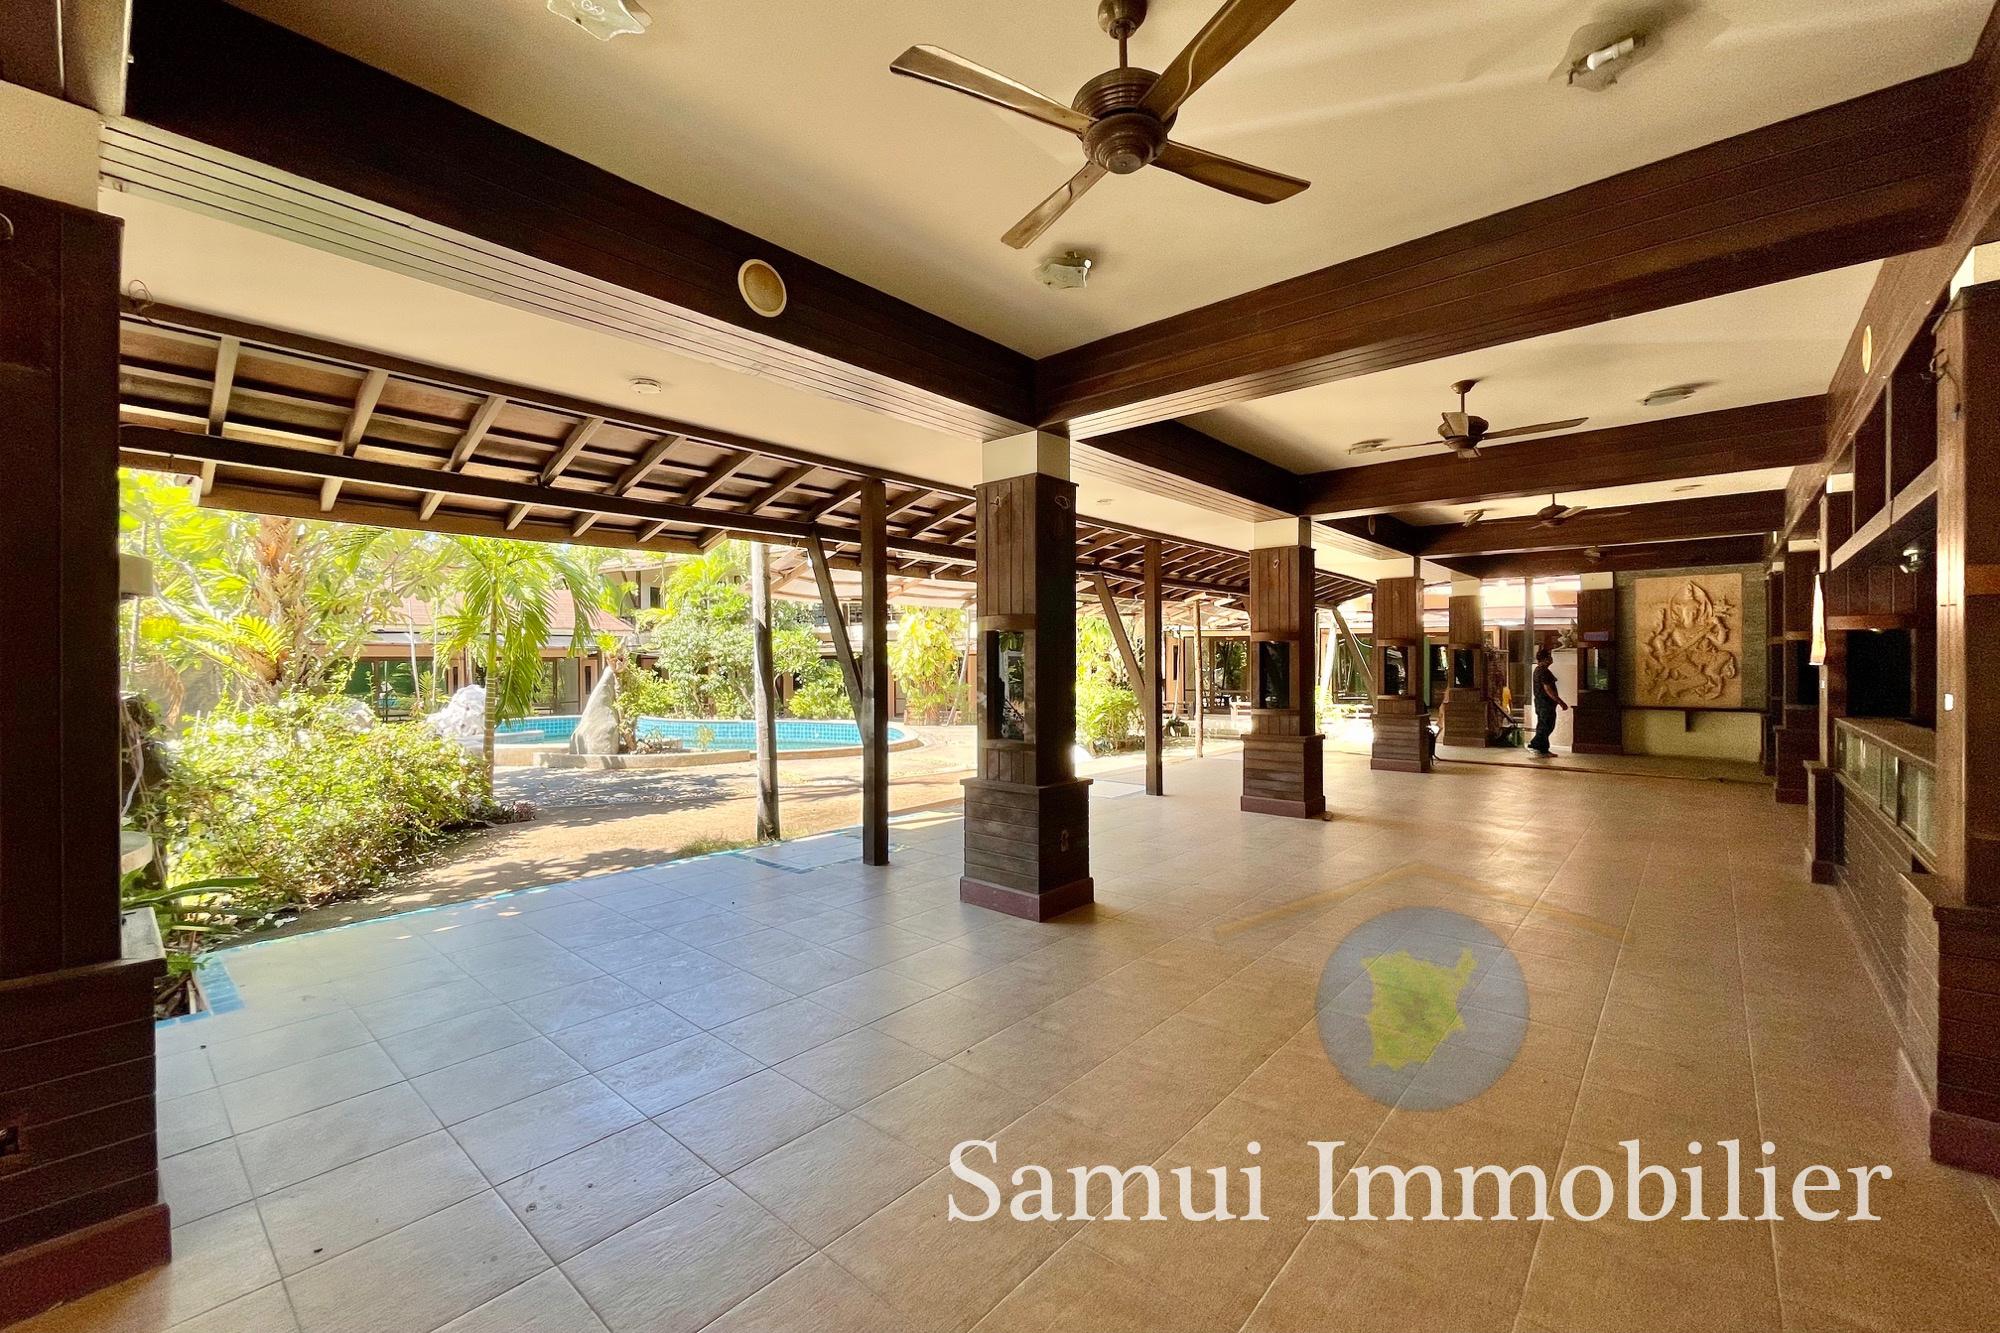 Hôtel à vendre - 33 chambres - Lamai